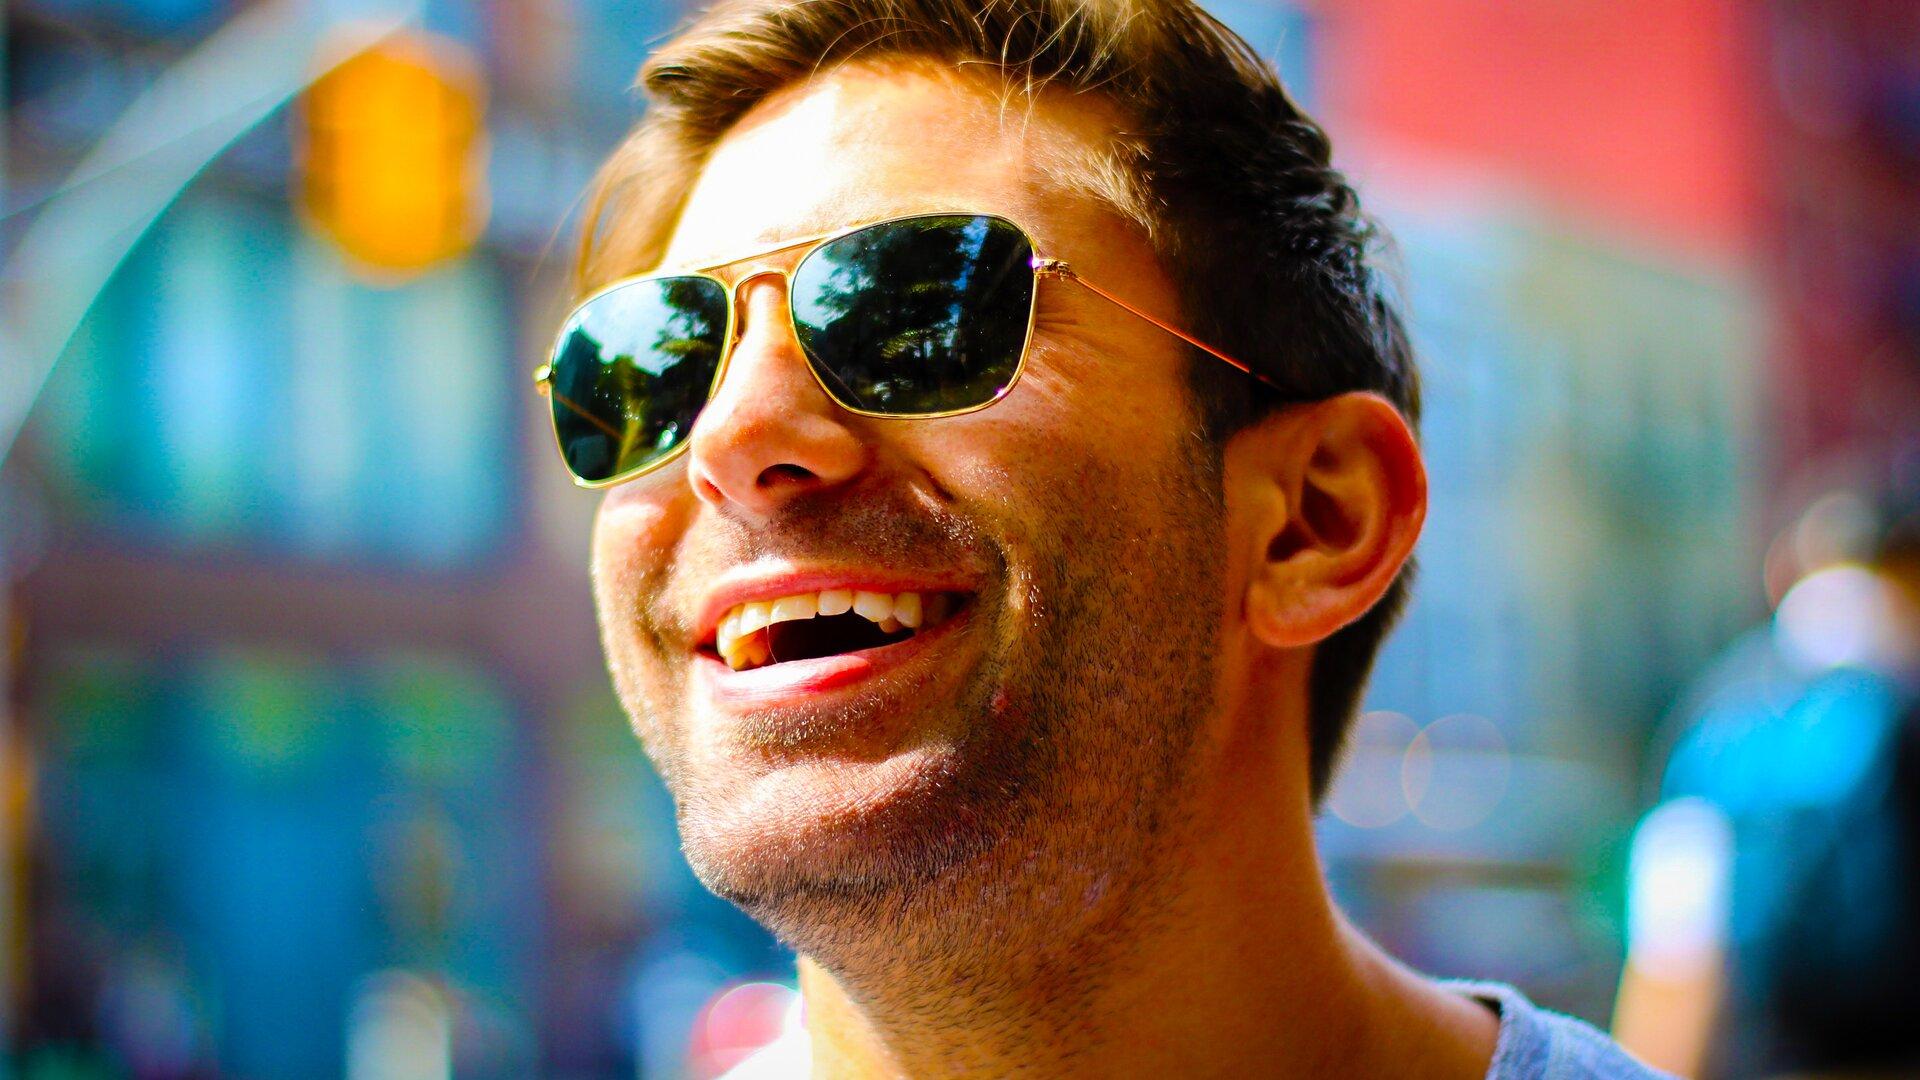 Ilustracja przedstawia uśmiechniętego mężczyznę. Mężczyzna jest średniego wieku, jest brunetem, nosi kilkudniowy zarost. Na nosie ma okulary.